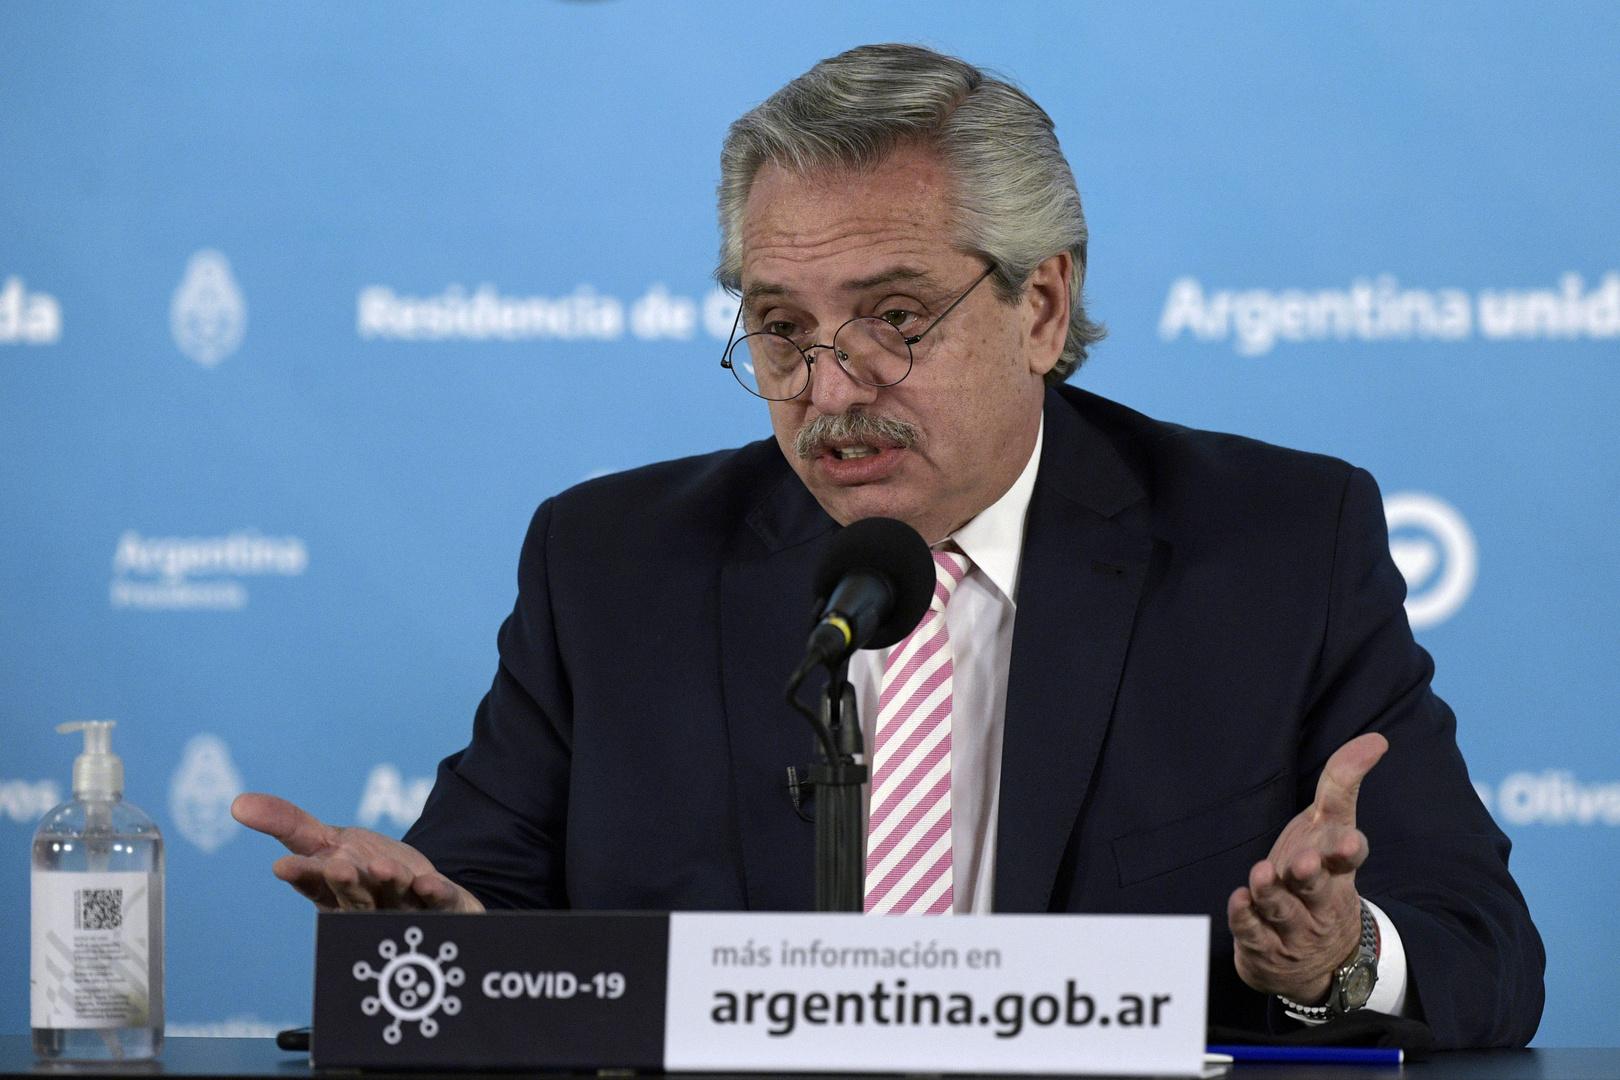 رغم إيجابية فحصه الخاص بكورونا.. رئيس الأرجنتين يحث على تلقي اللقاح